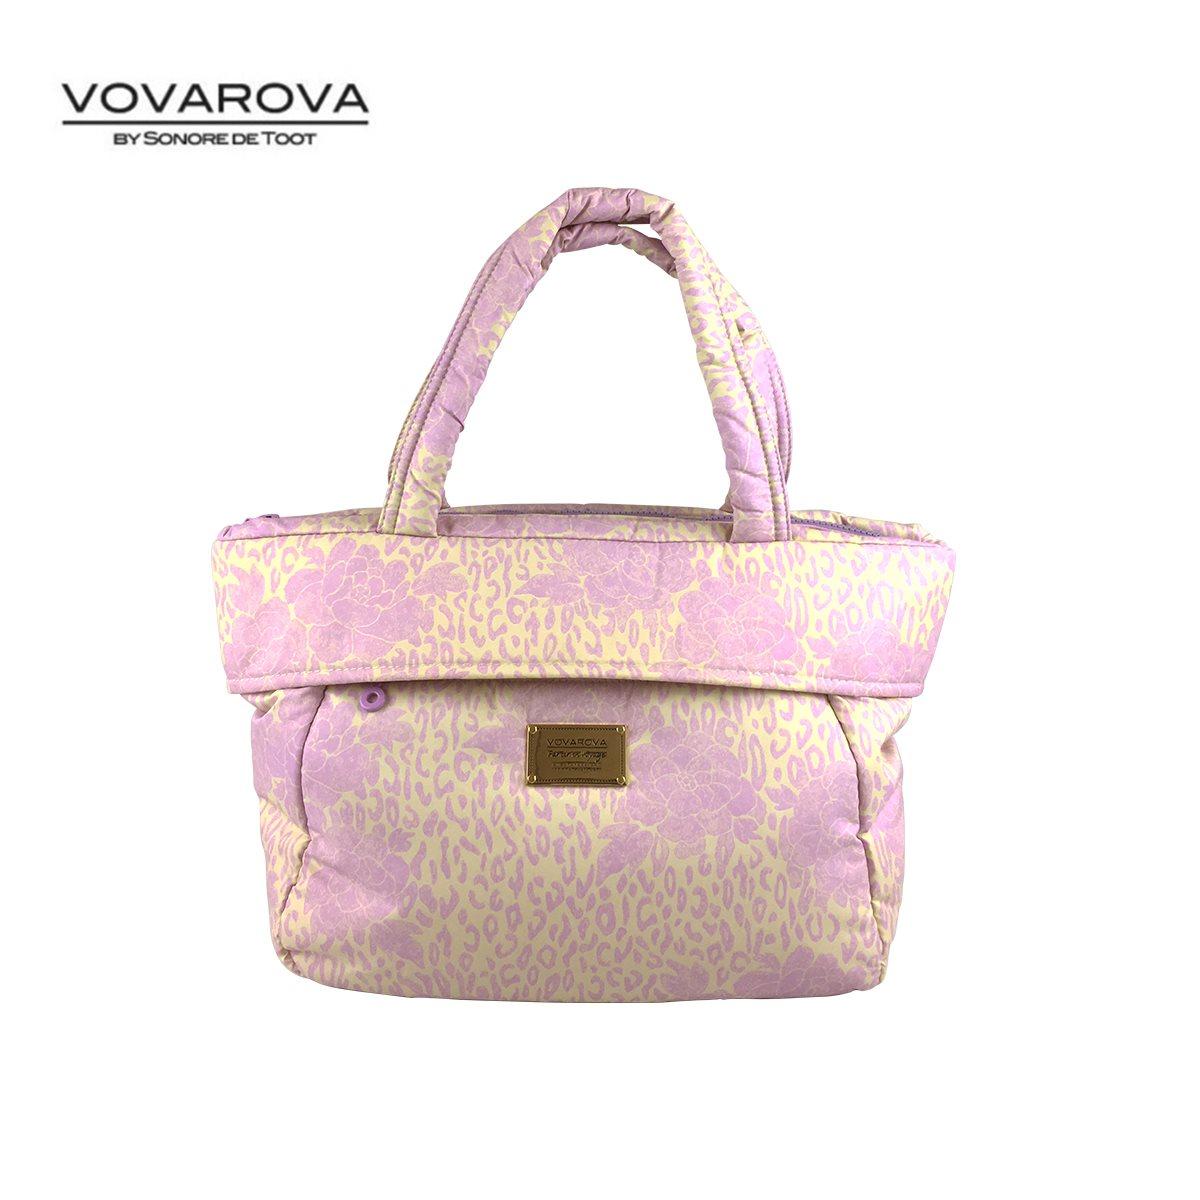 粉红色邮差包 包潮女士单肩包国背包vnovarova机能运动斜粉红色反折挎包邮差包_推荐淘宝好看的粉红色邮差包